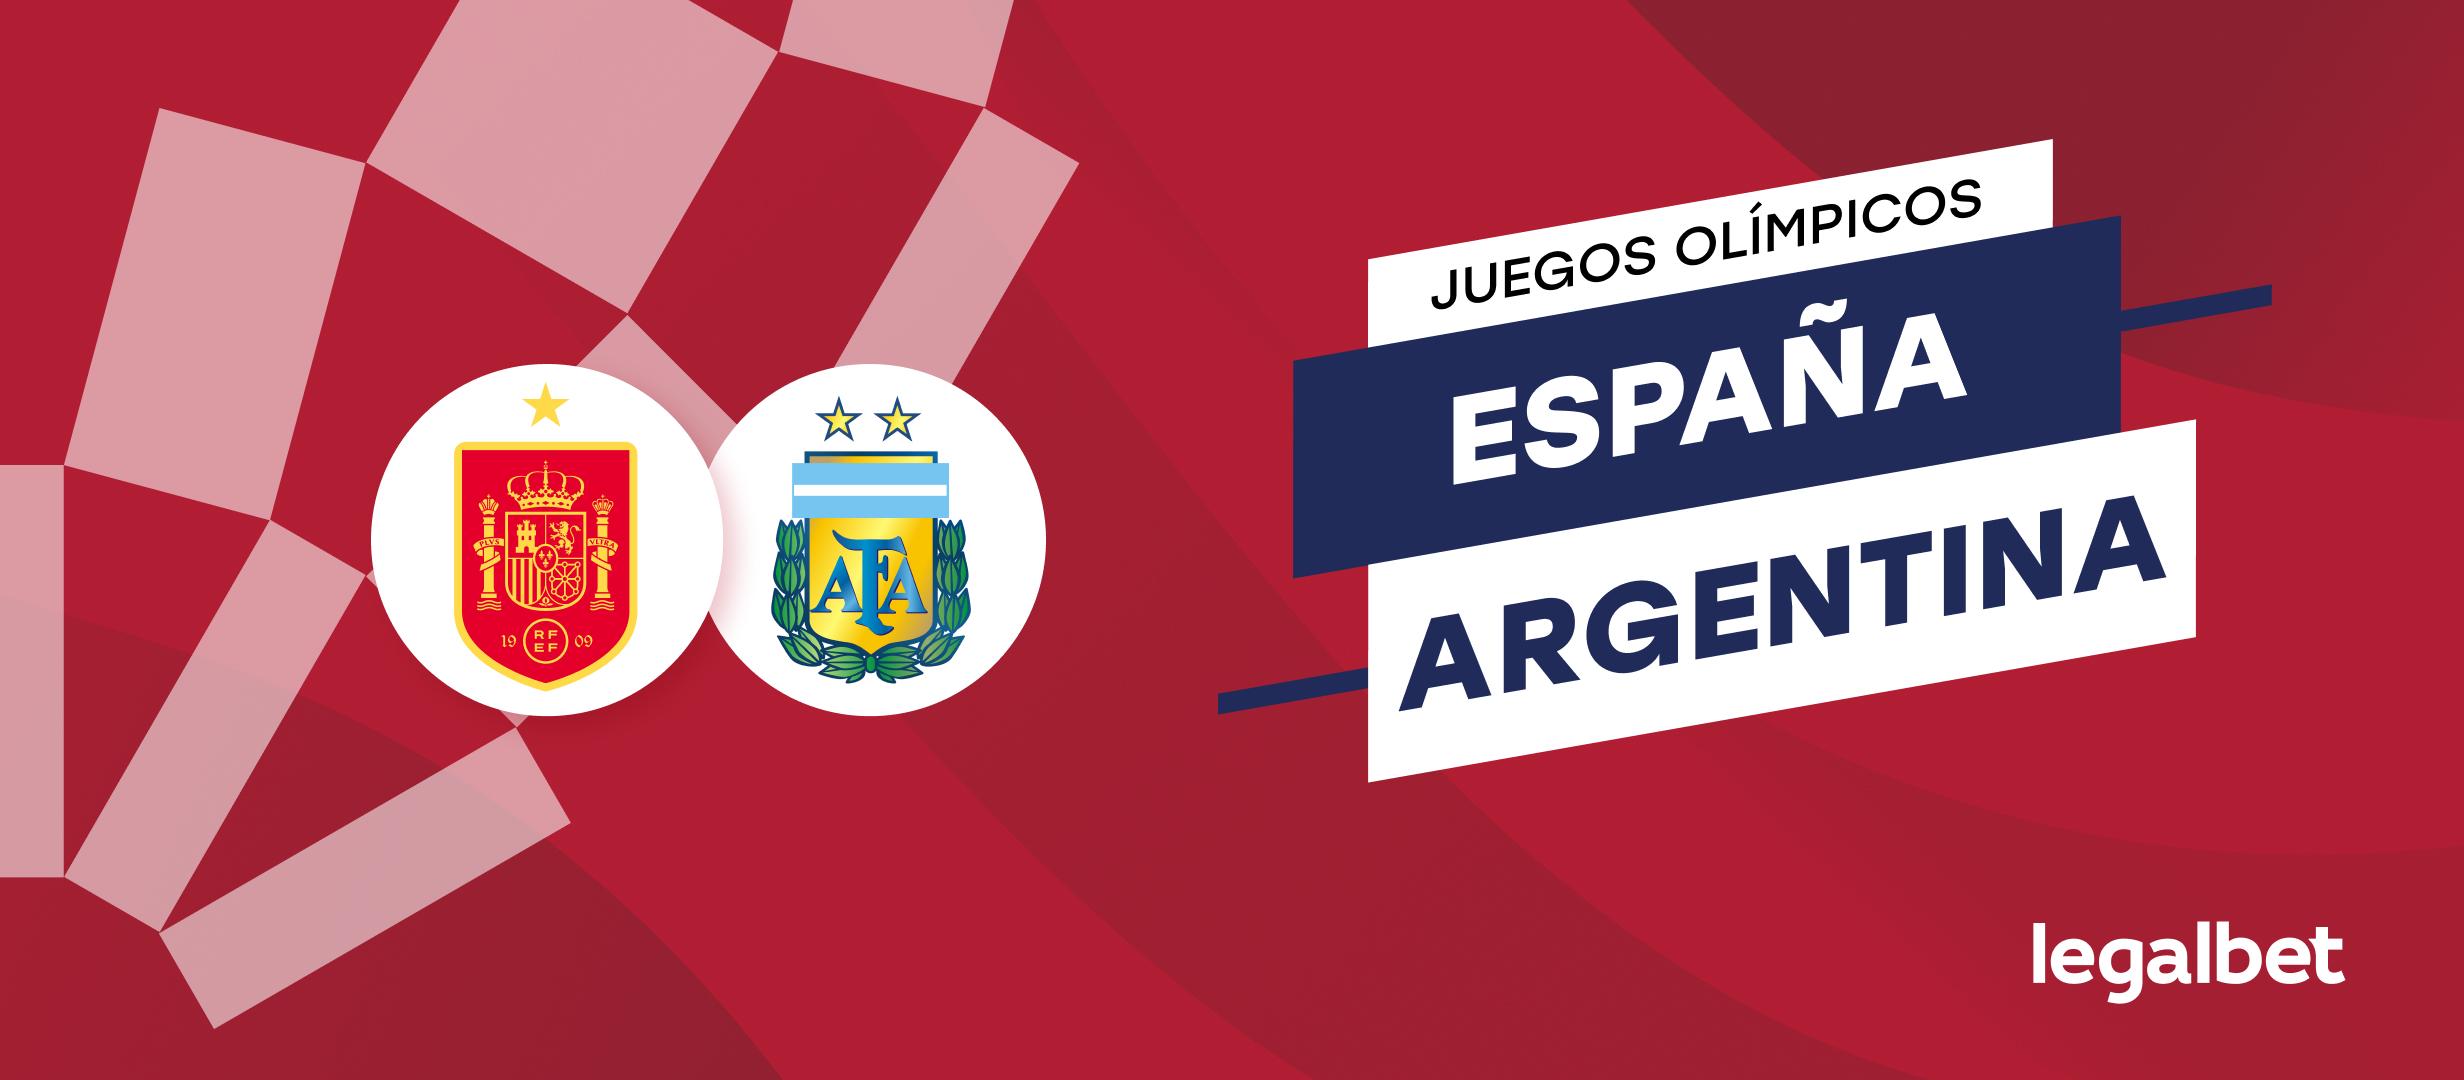 Apuestas y cuotas España - Argentina, Juegos Olímpicos 2020 (2021)